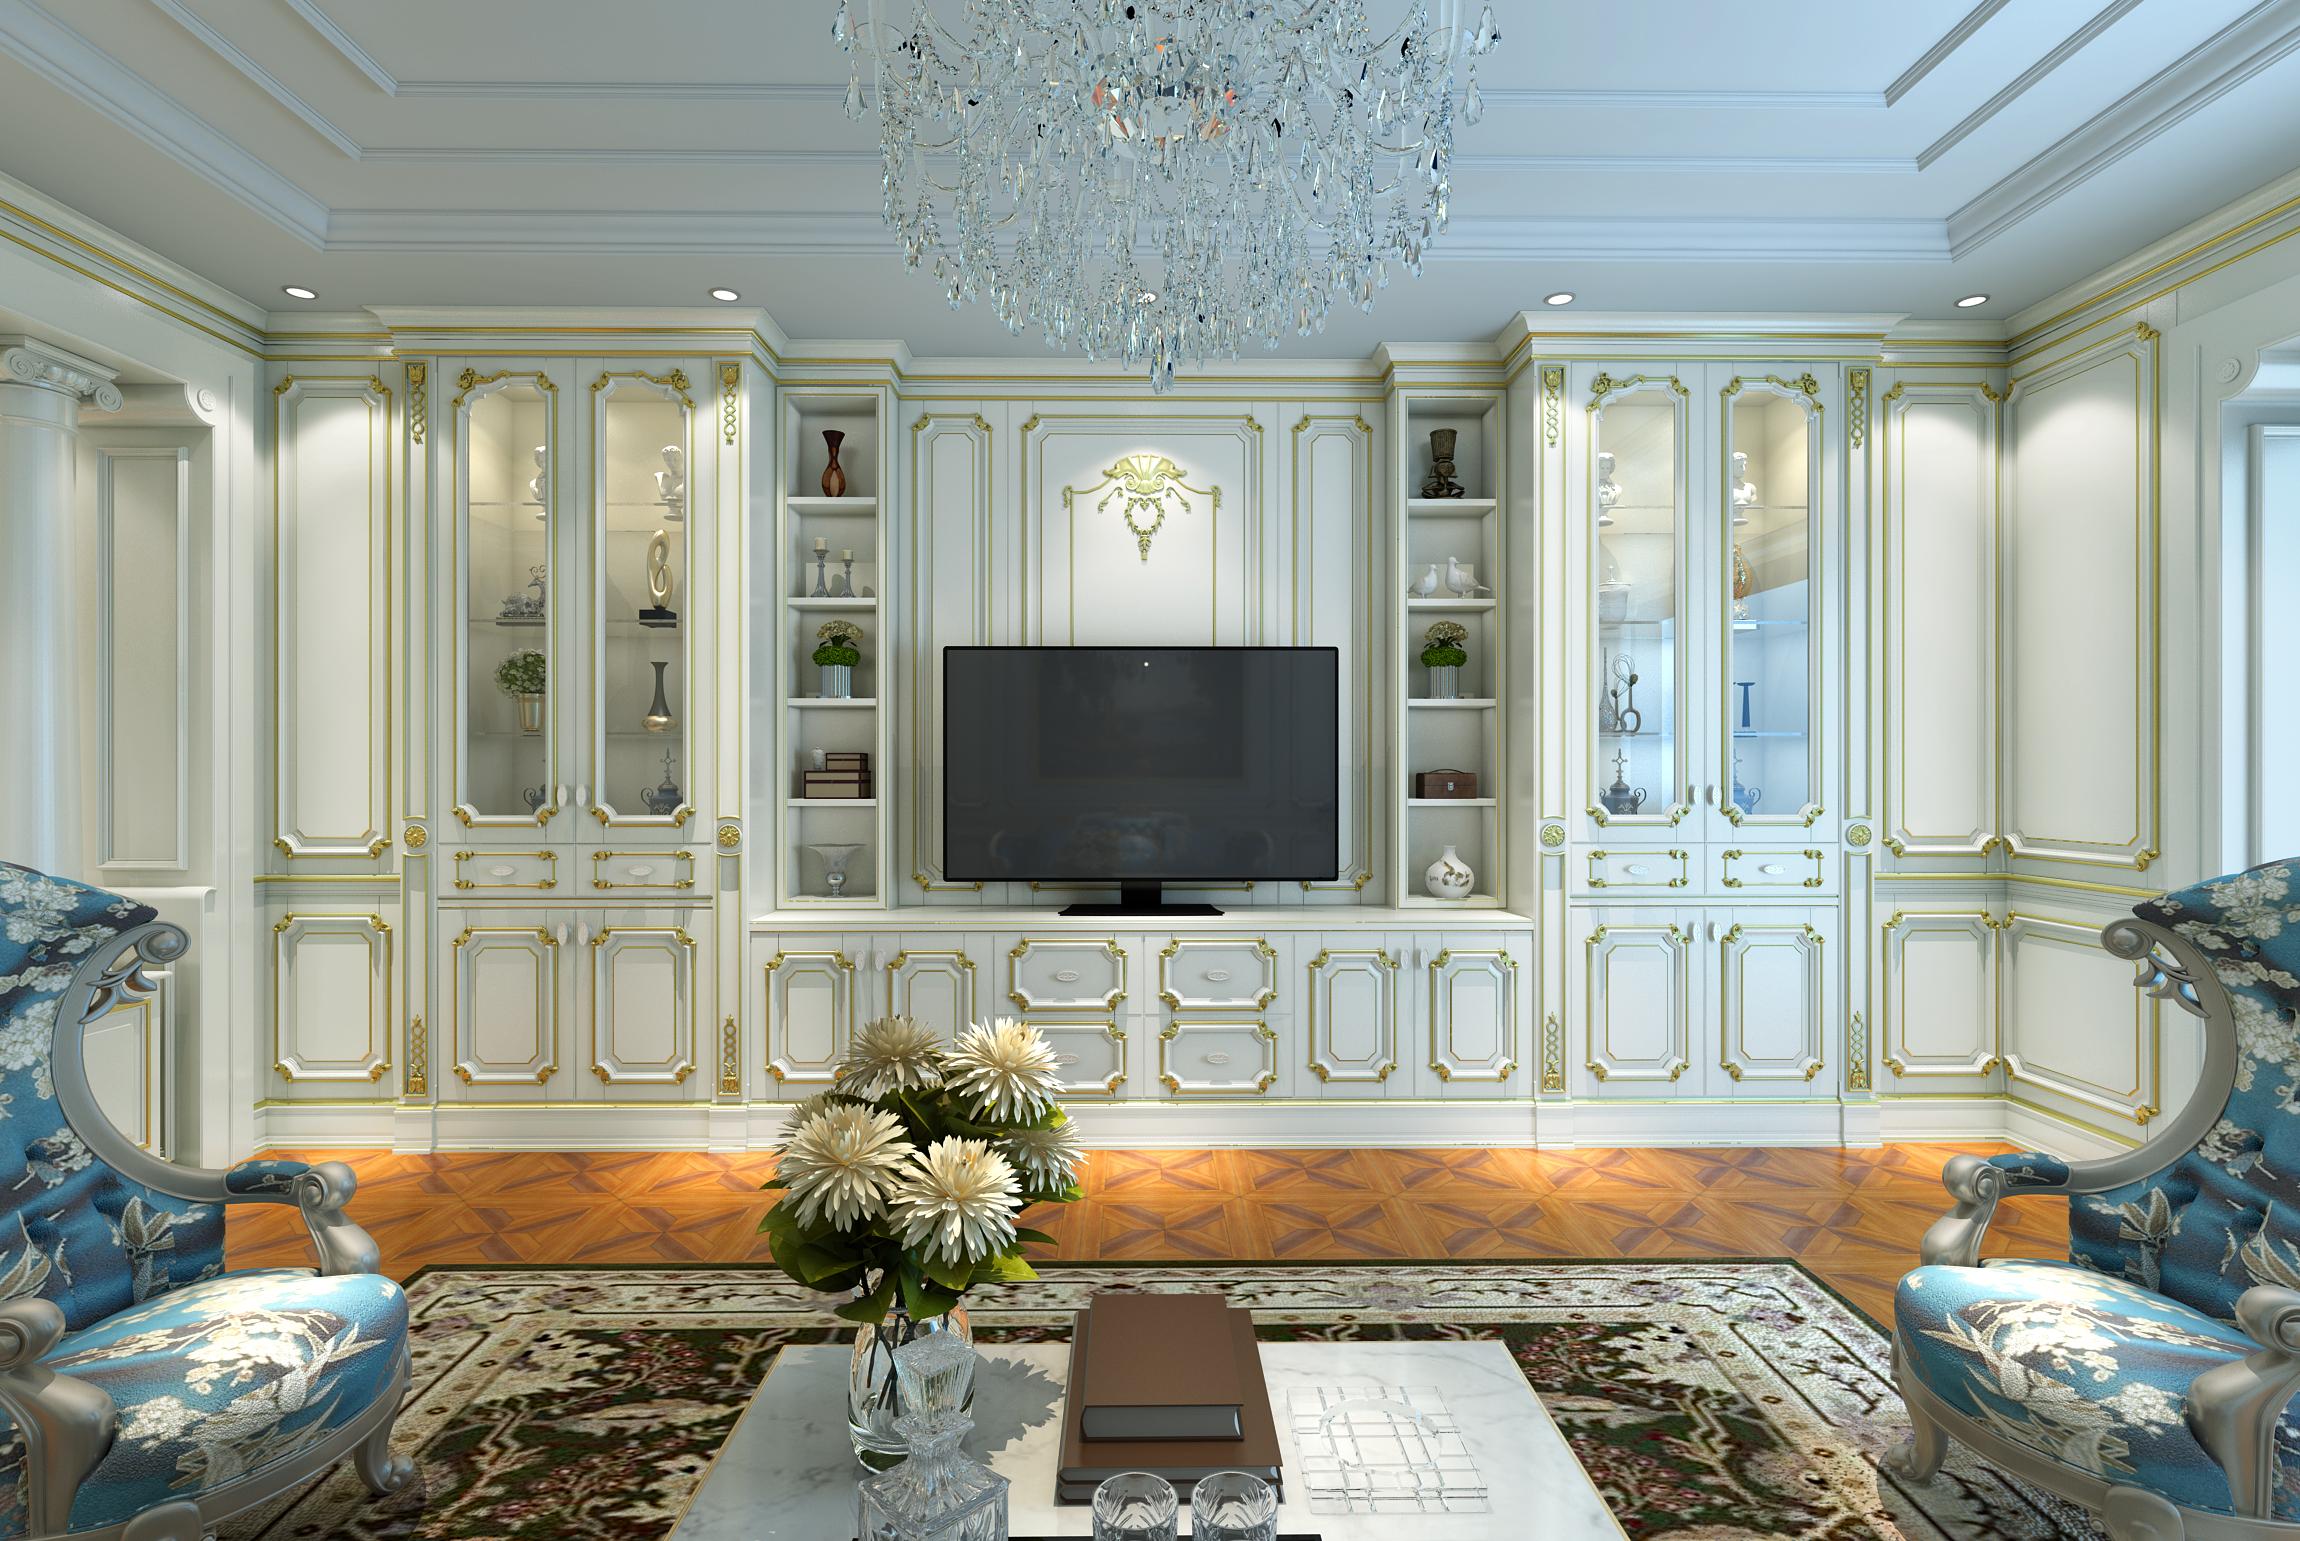 三居 白领 法式 奢华 新古典 客厅 卧室图片来自玛格全屋定制在法式新古典的分享